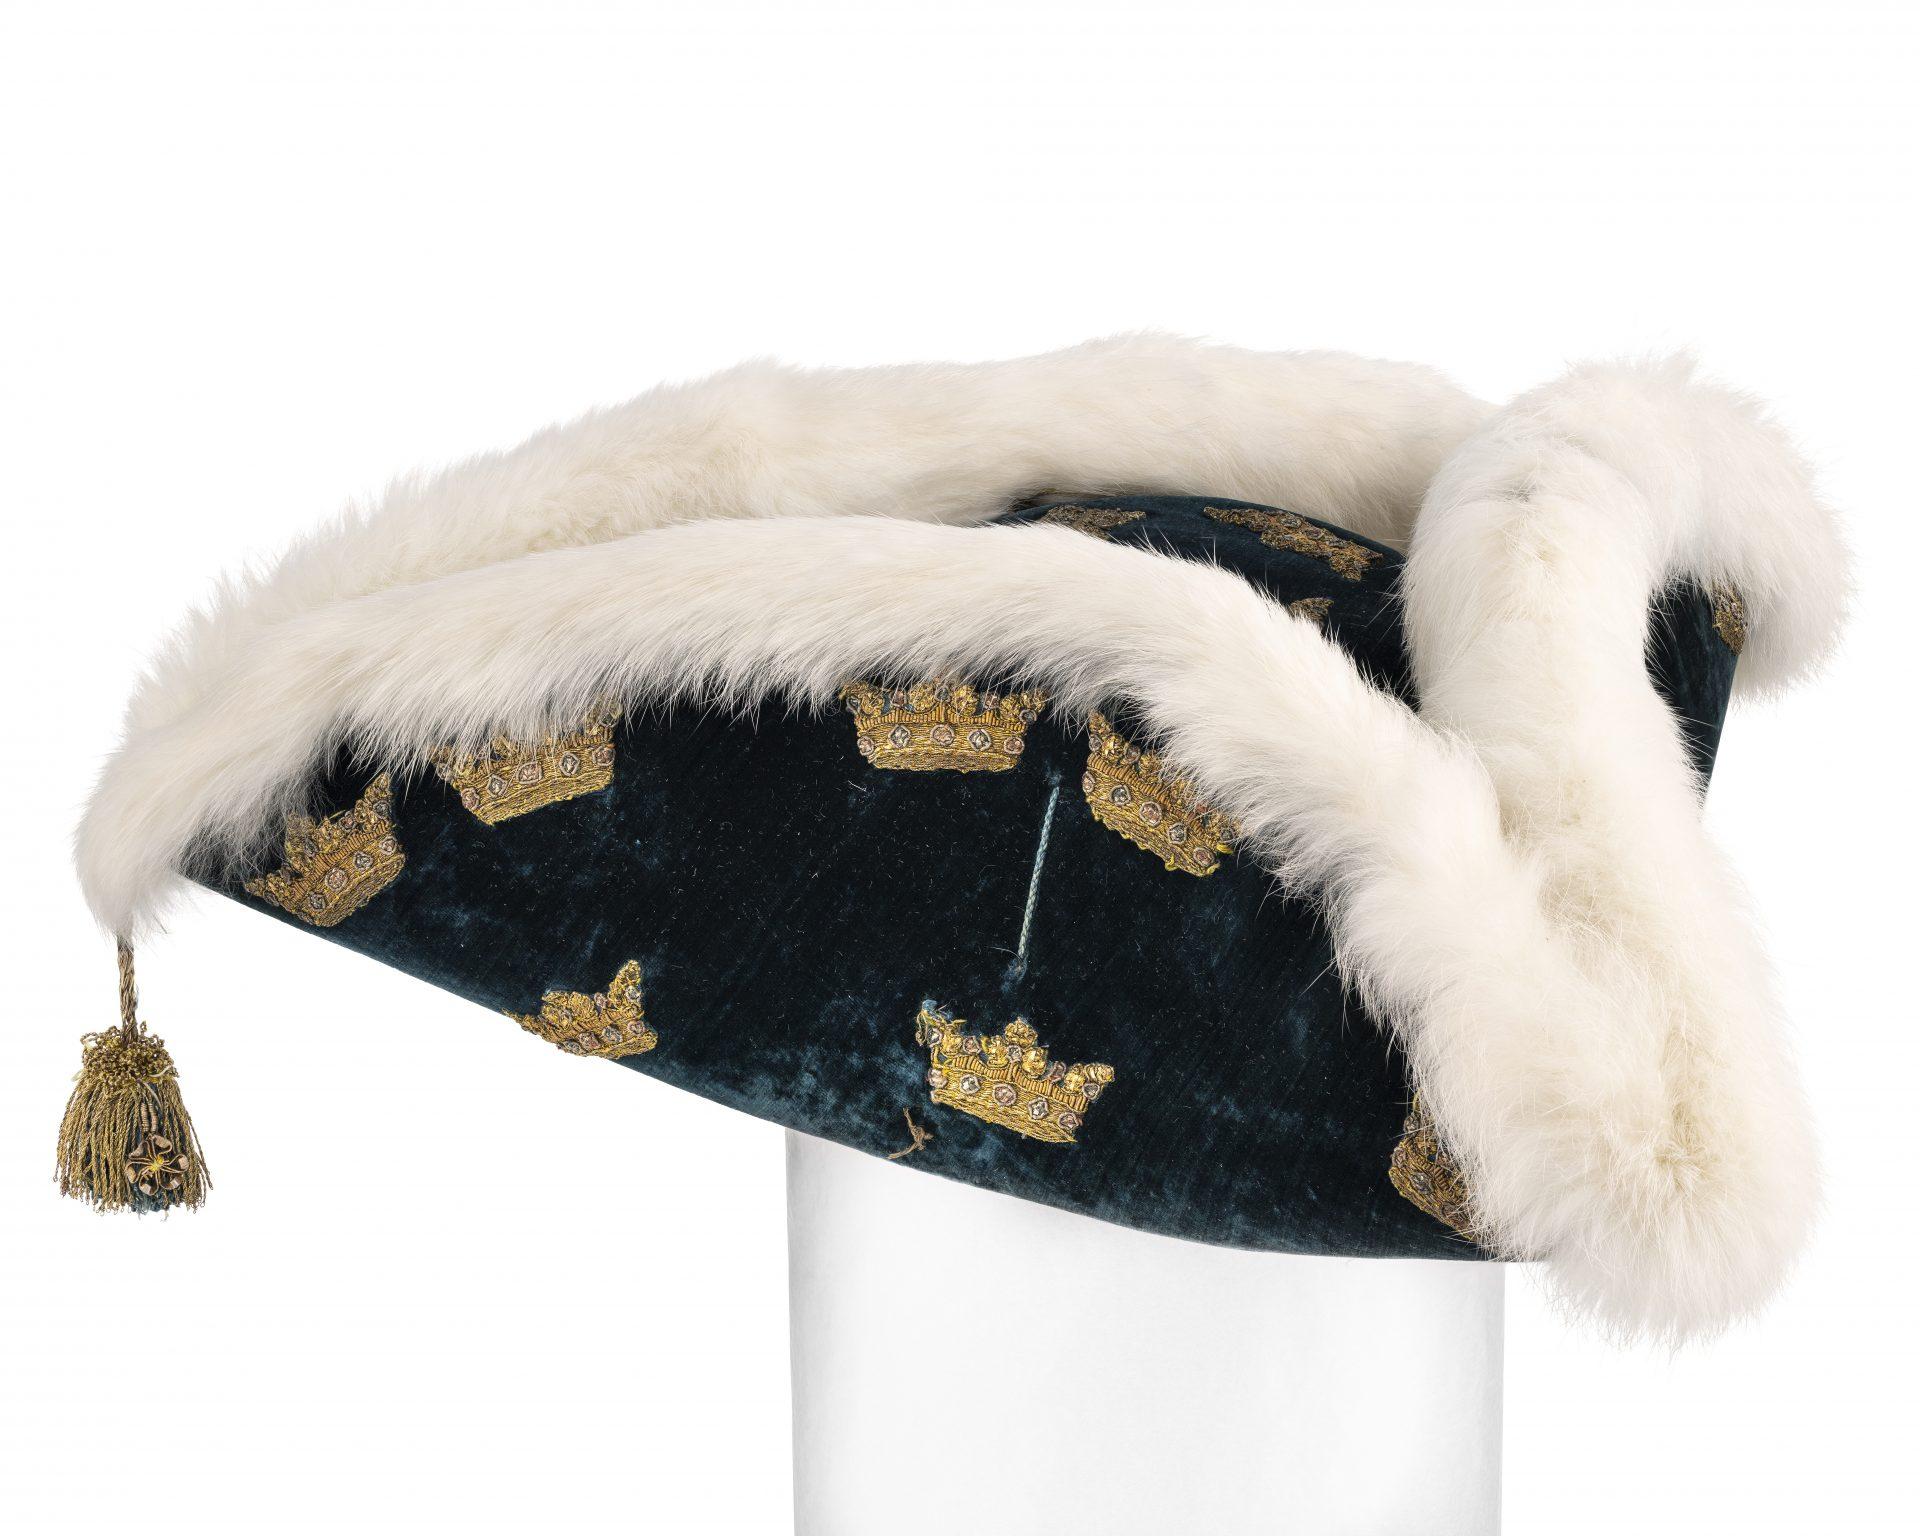 En blå, trekantig hatt med påsydda guldkronor och strutsfjädrar runt brämen.